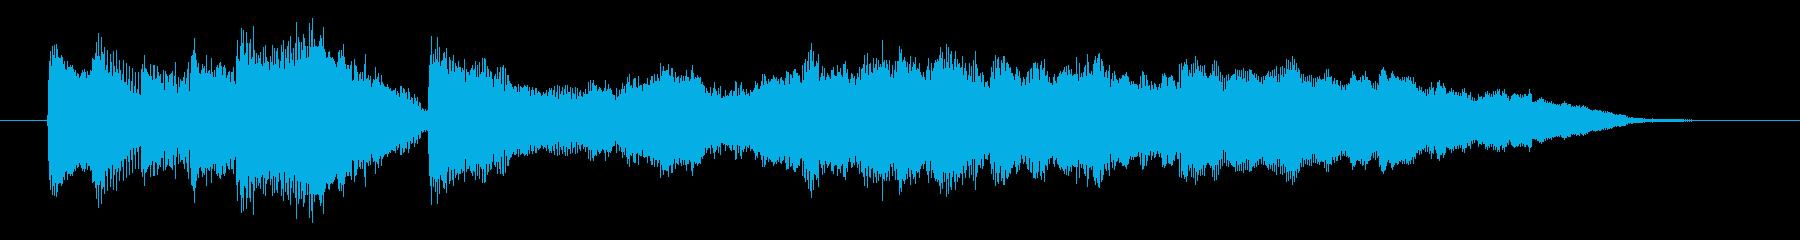 ピアノとストリングスによるジングルです。の再生済みの波形